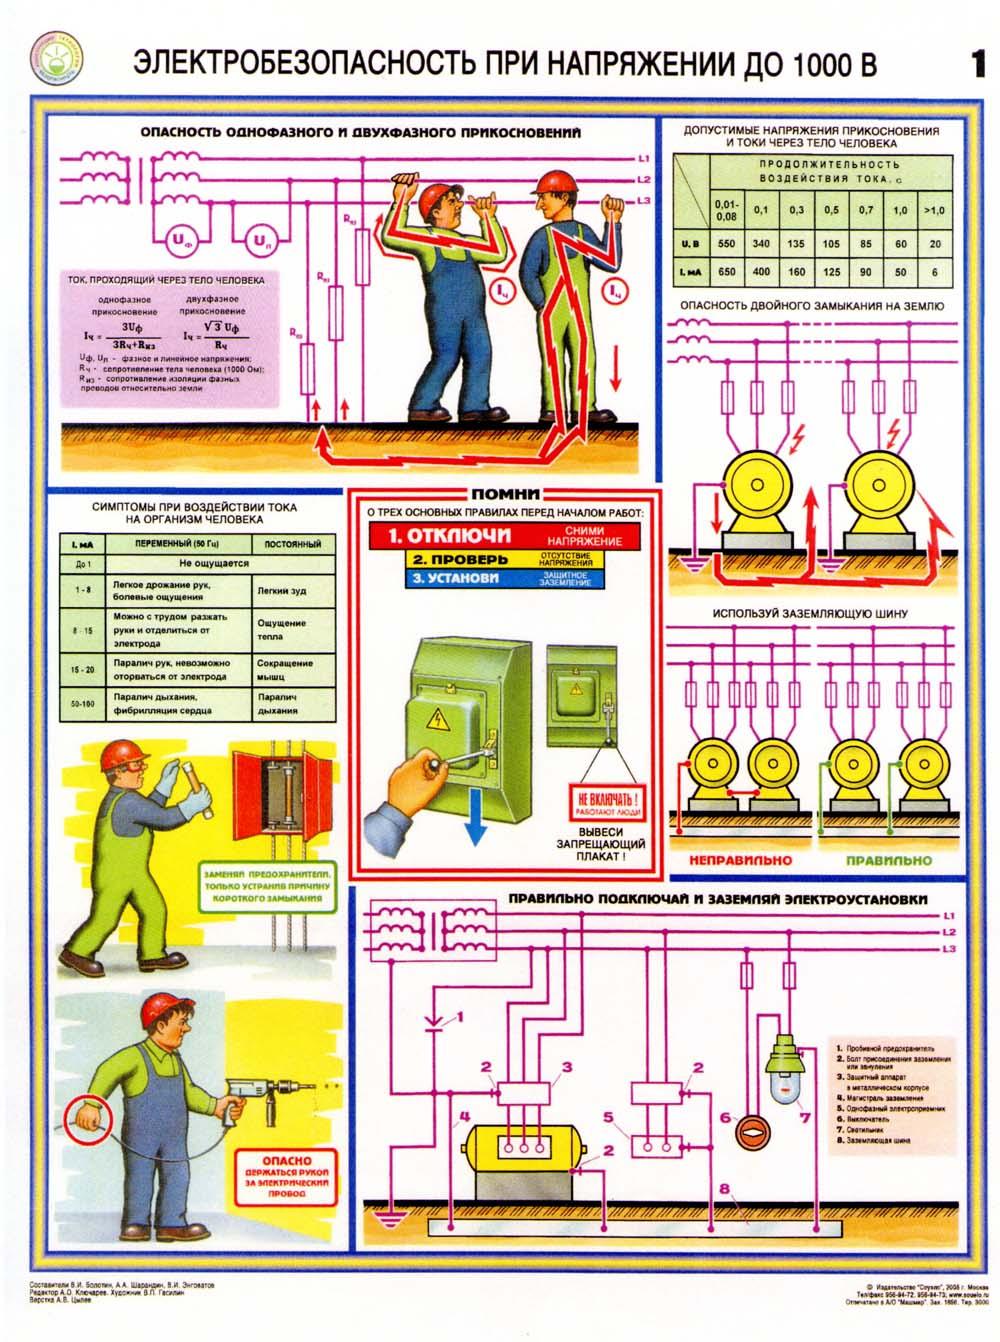 эластичности облеганию комплект плакатов по электробезопасности пропитывается запахом пота